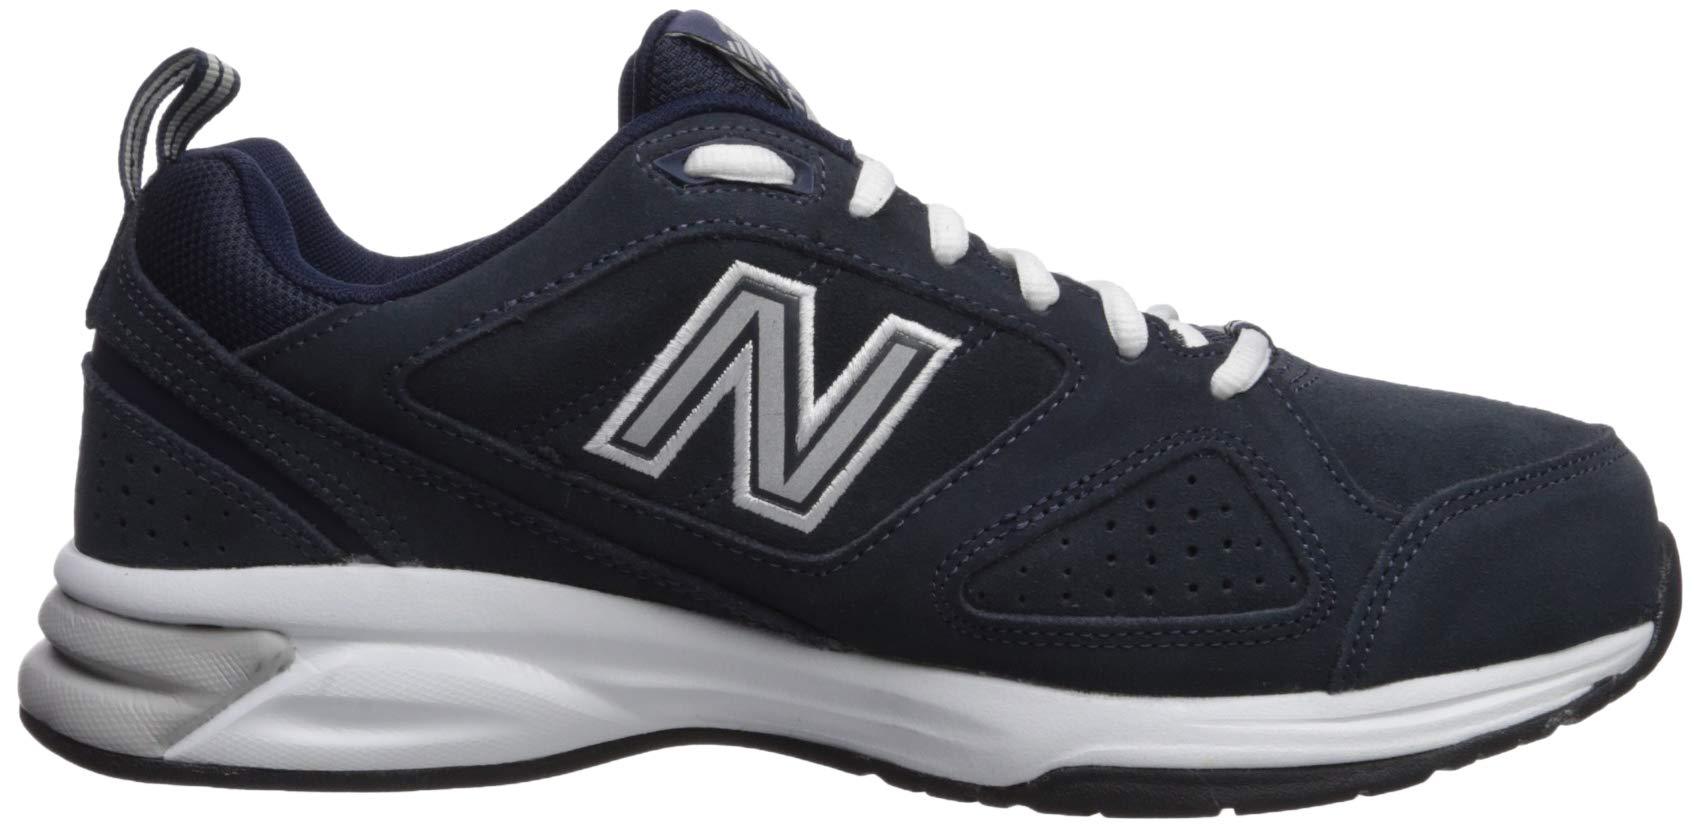 New Balance Men's MX623v3 Training Shoe, Navy, 7 W US by New Balance (Image #6)